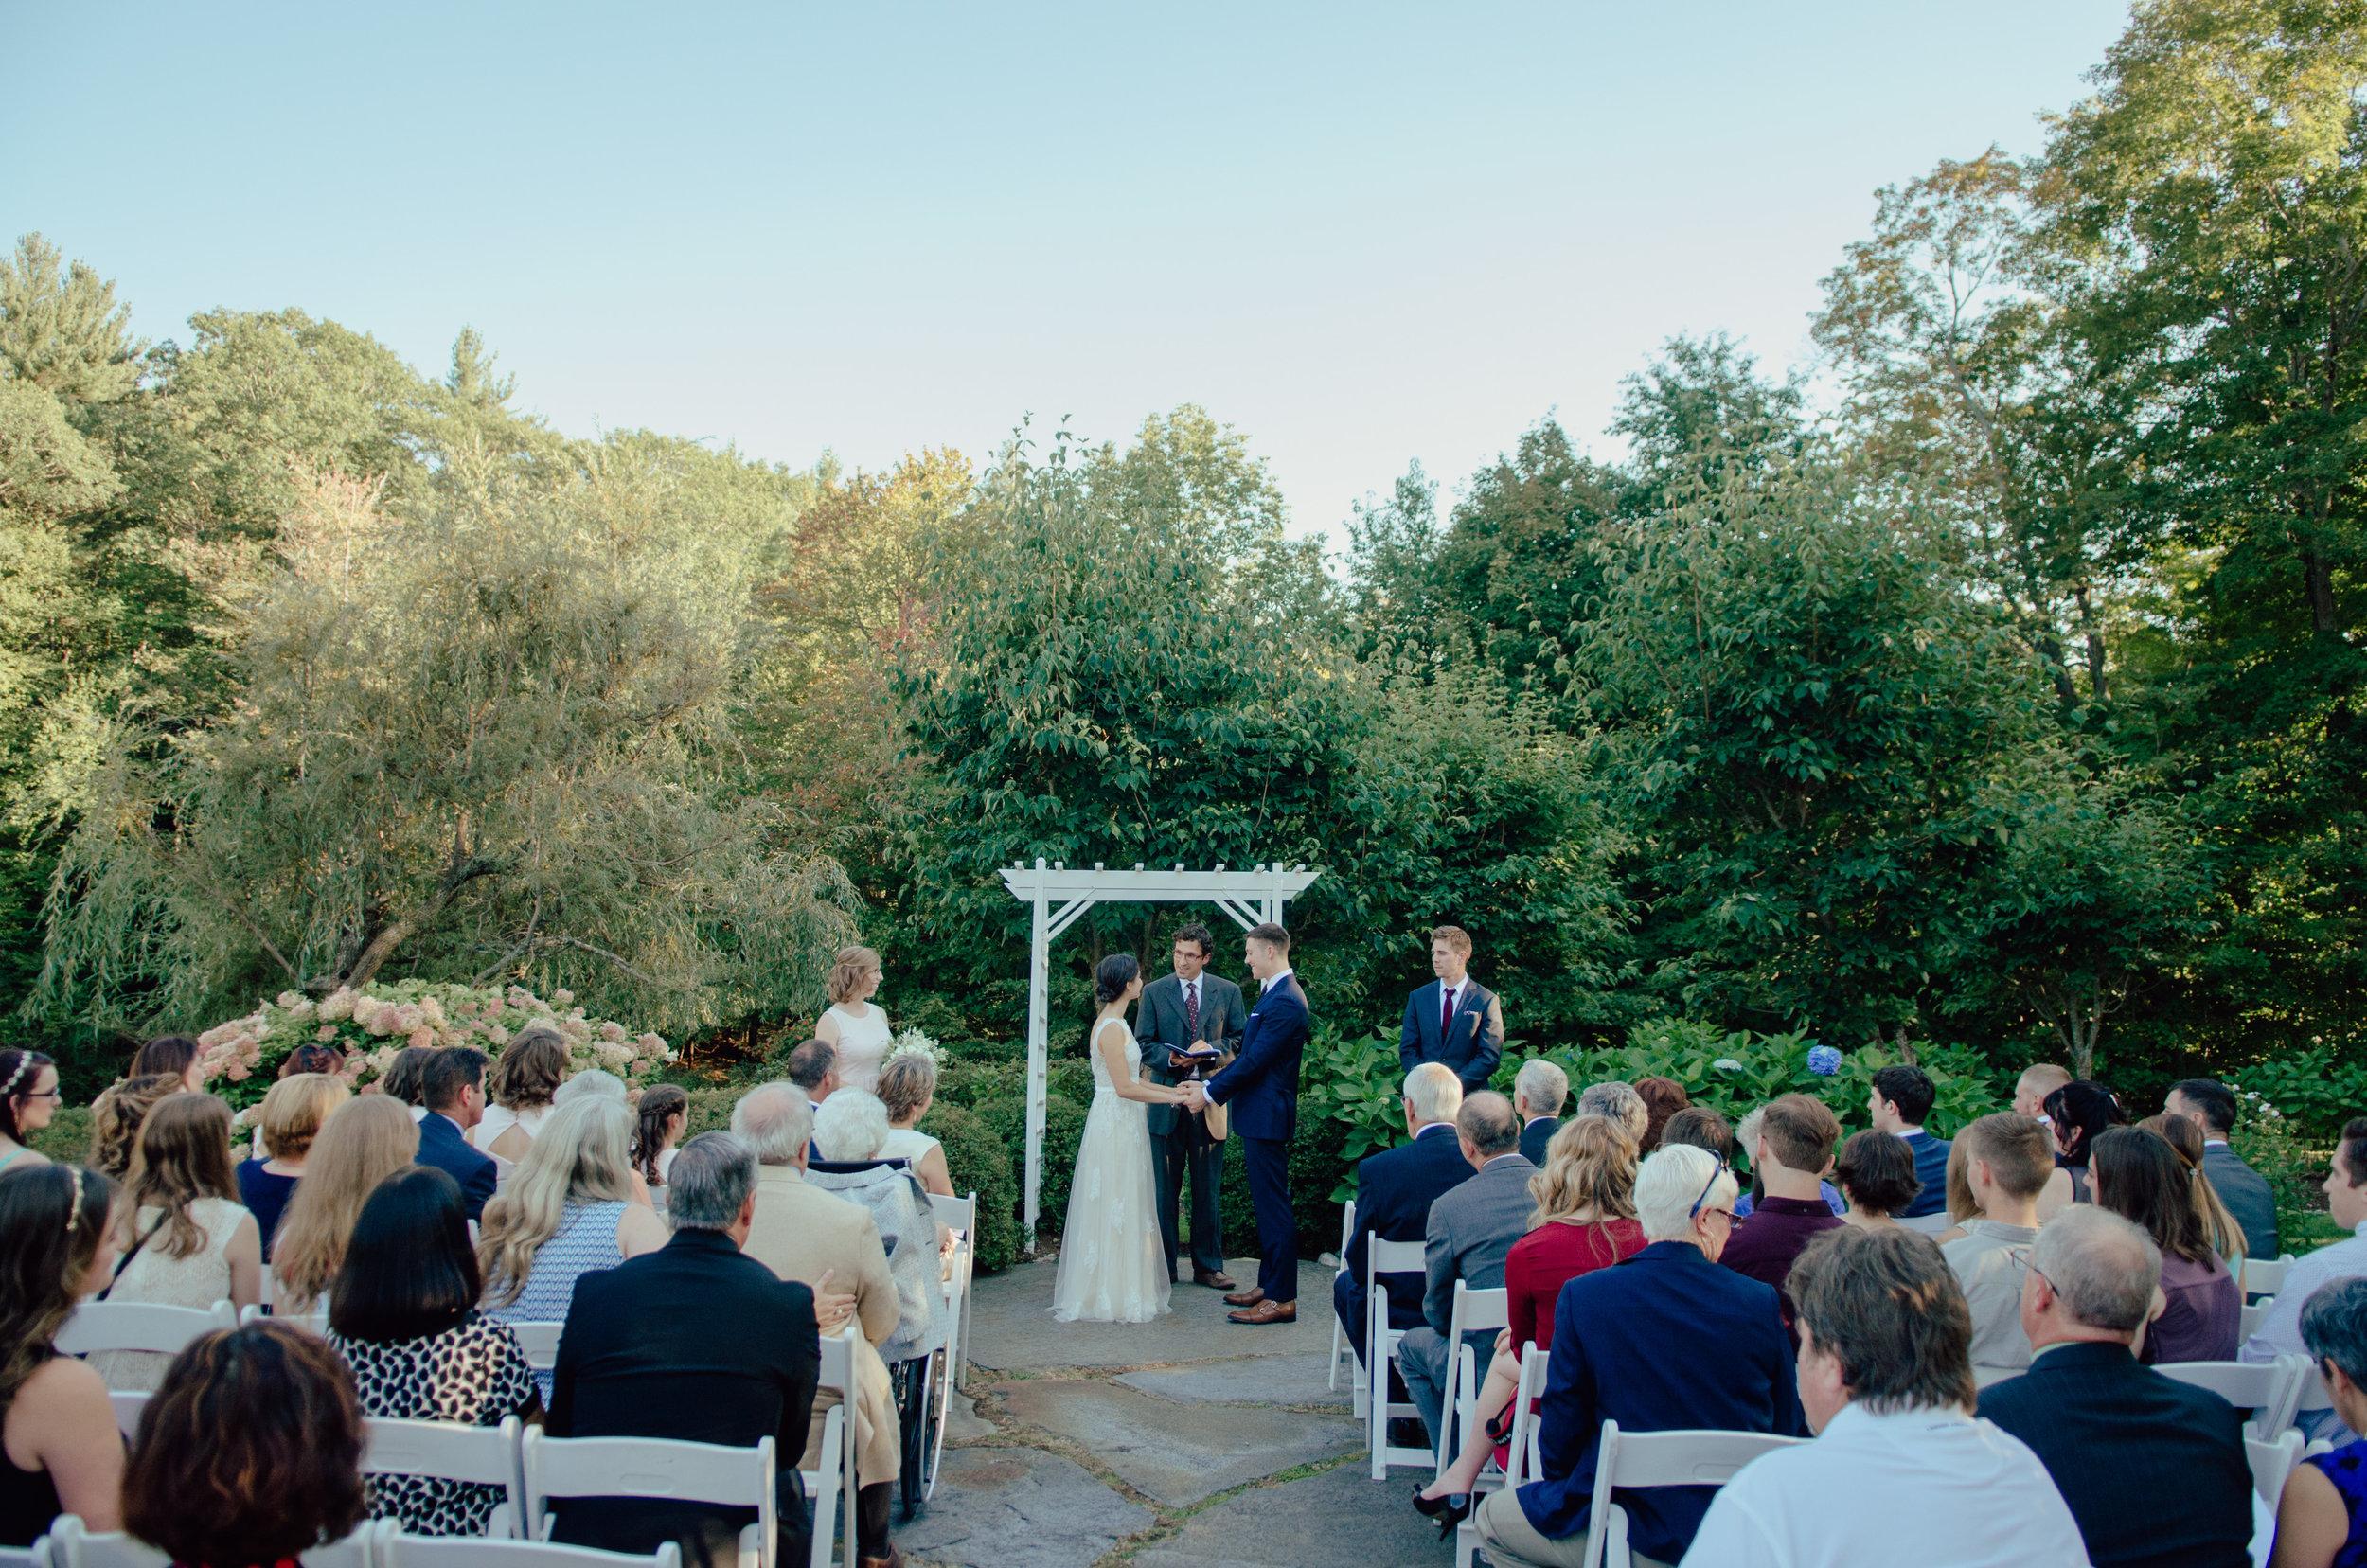 cleland-studios-weddings-67.jpg